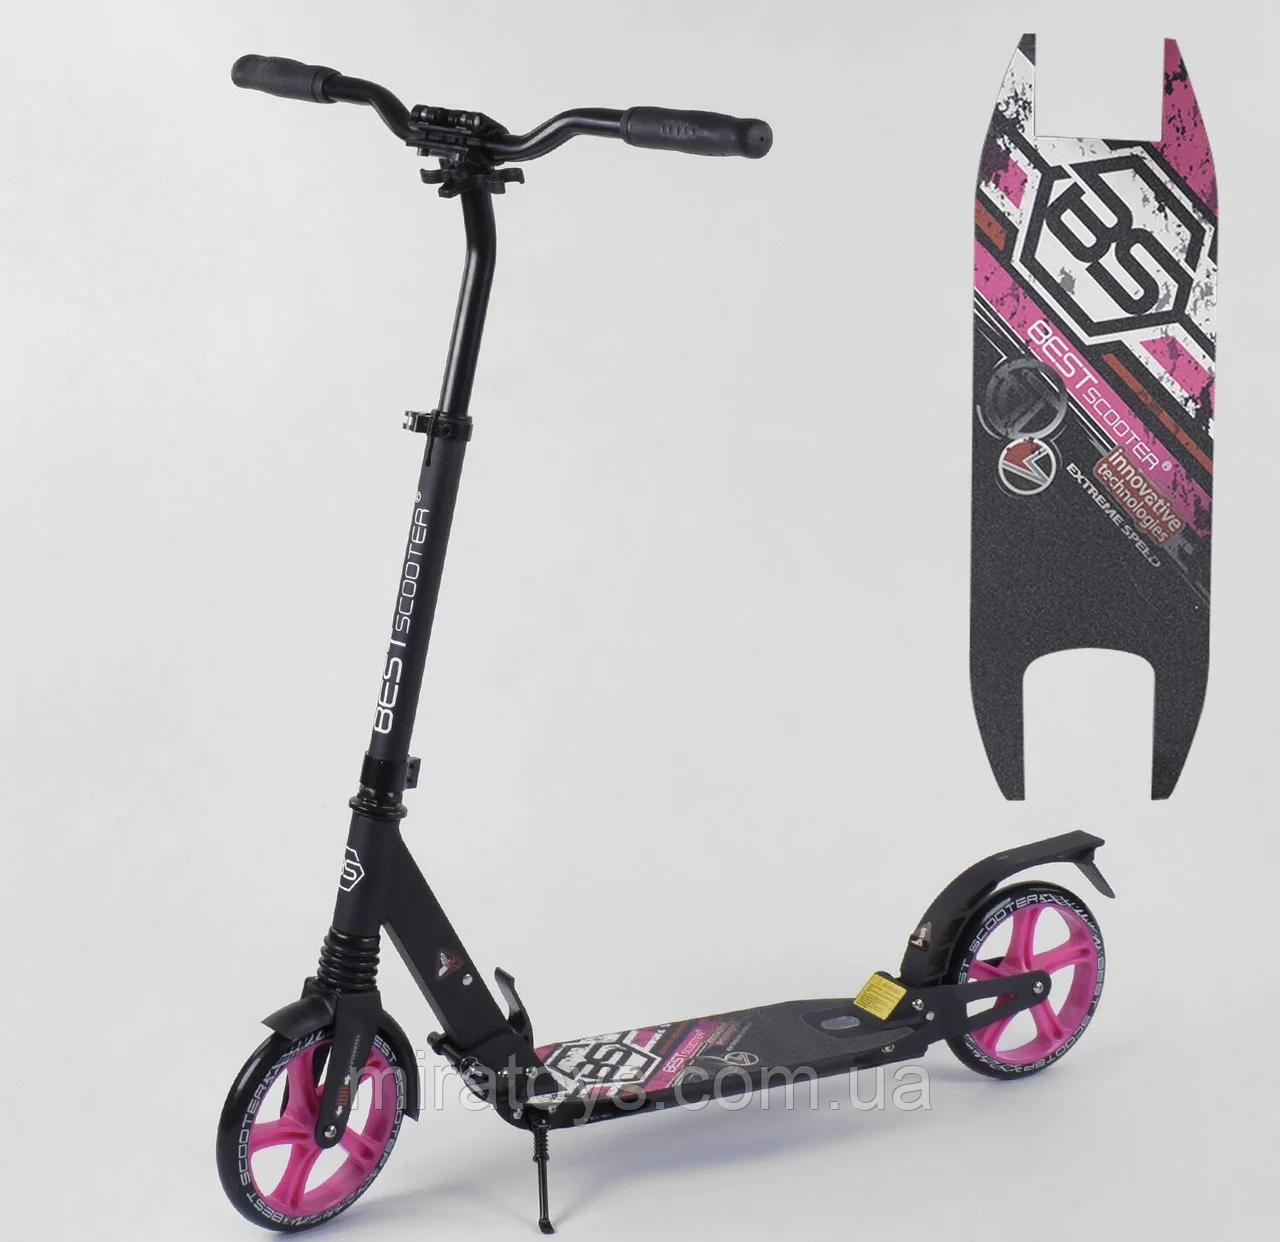 Двоколісний Самокат алюмінієвий для дівчинки 62825 Best Scooter колеса PU, d коліс - 20 см, 2 амортизатора